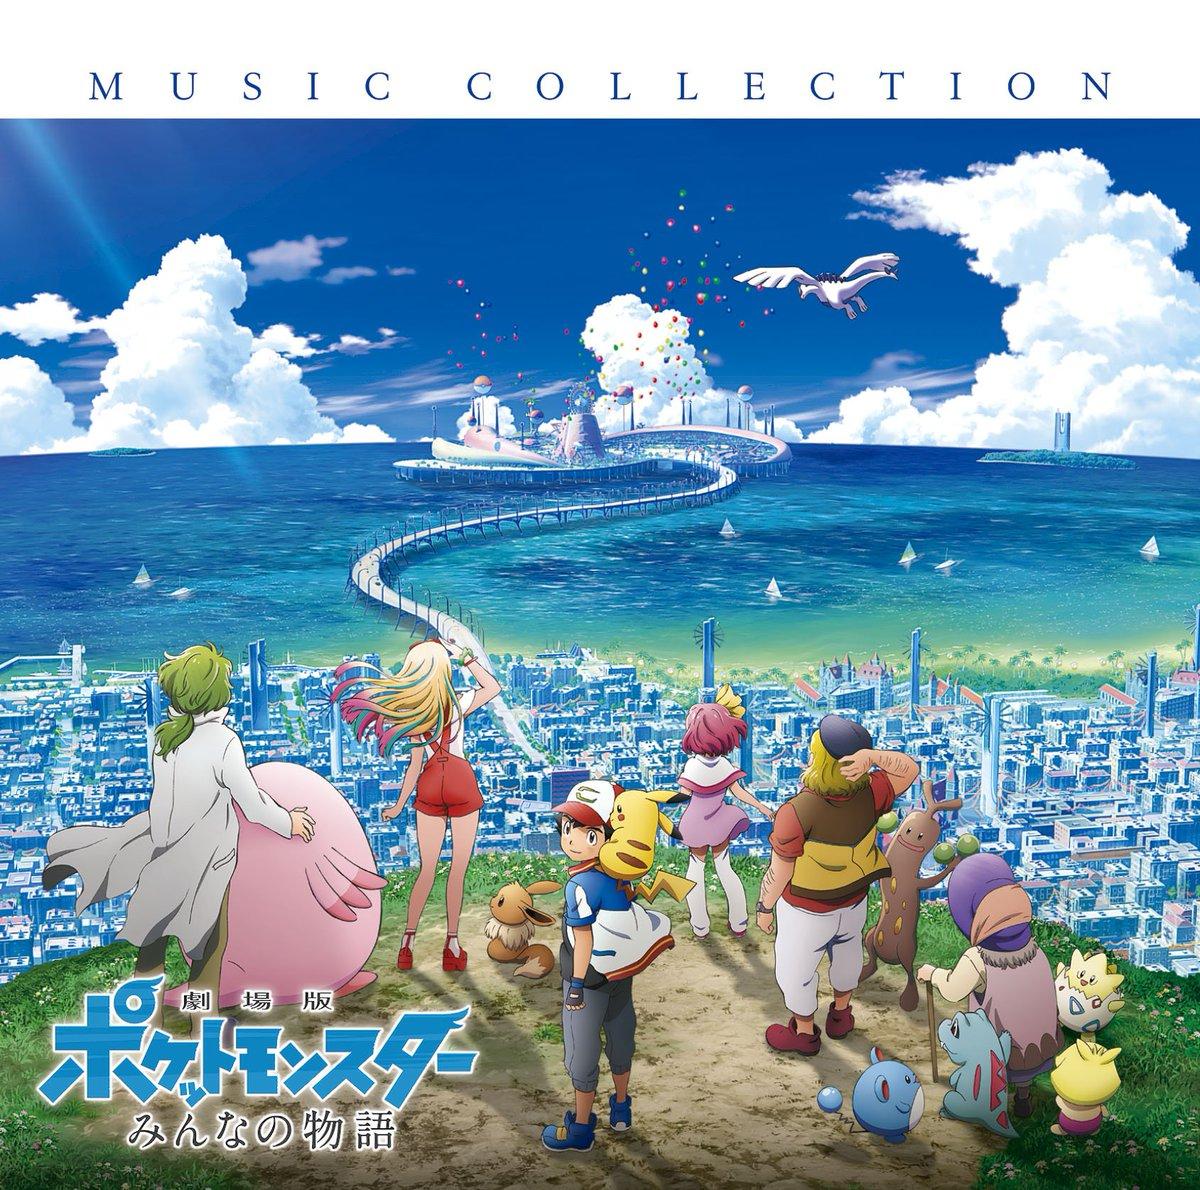 劇場版ポケットモンスター みんなの物語ミュージックコレクションに関する画像8